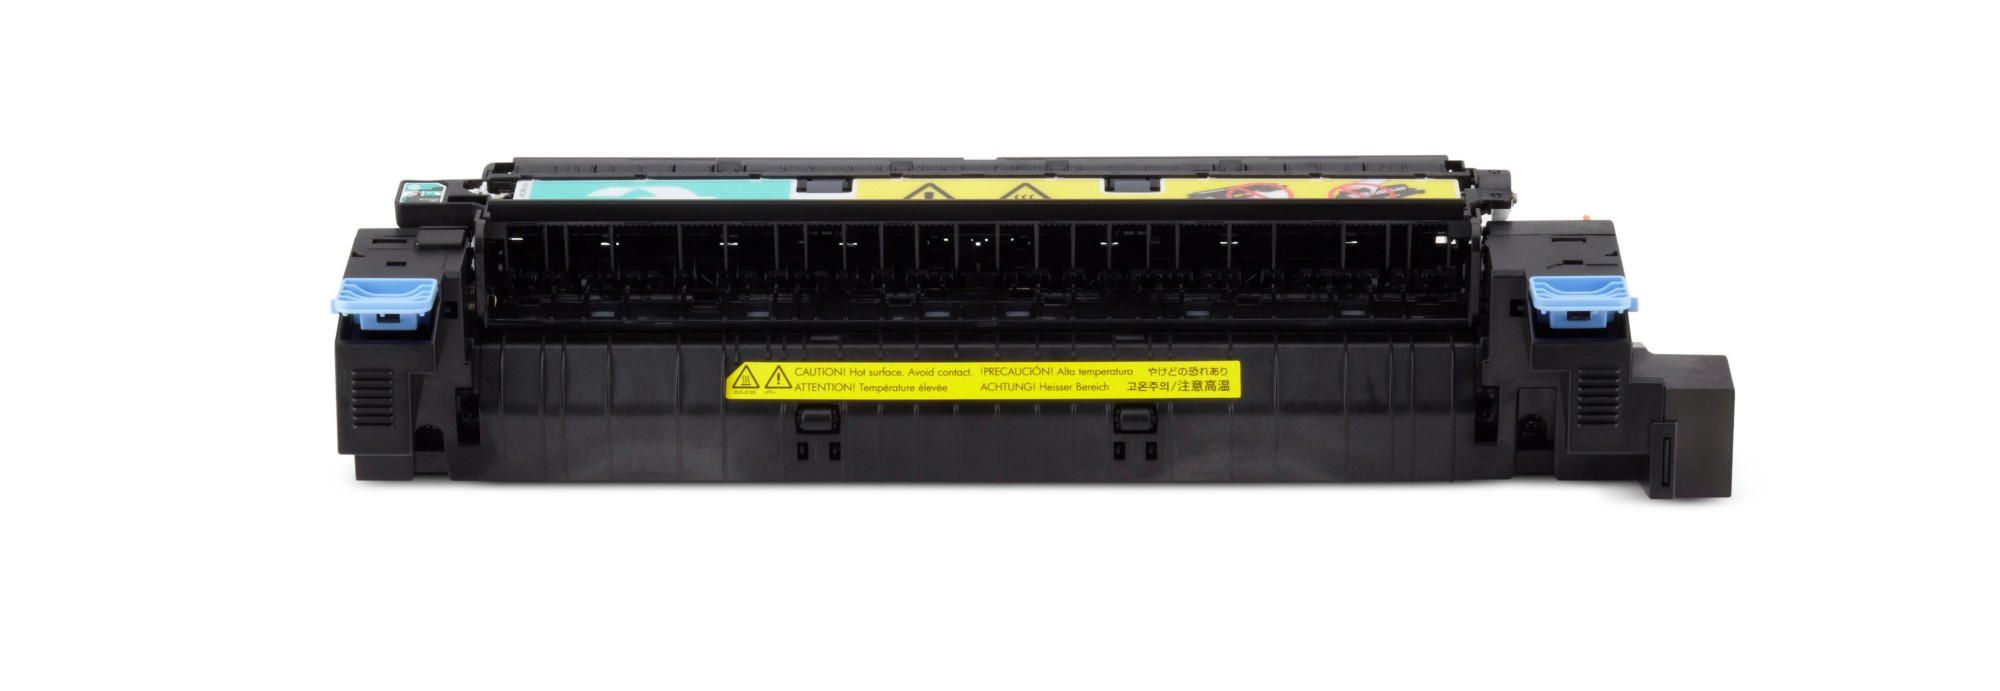 HP LaserJet 220V Maintenance/Fuser Kit